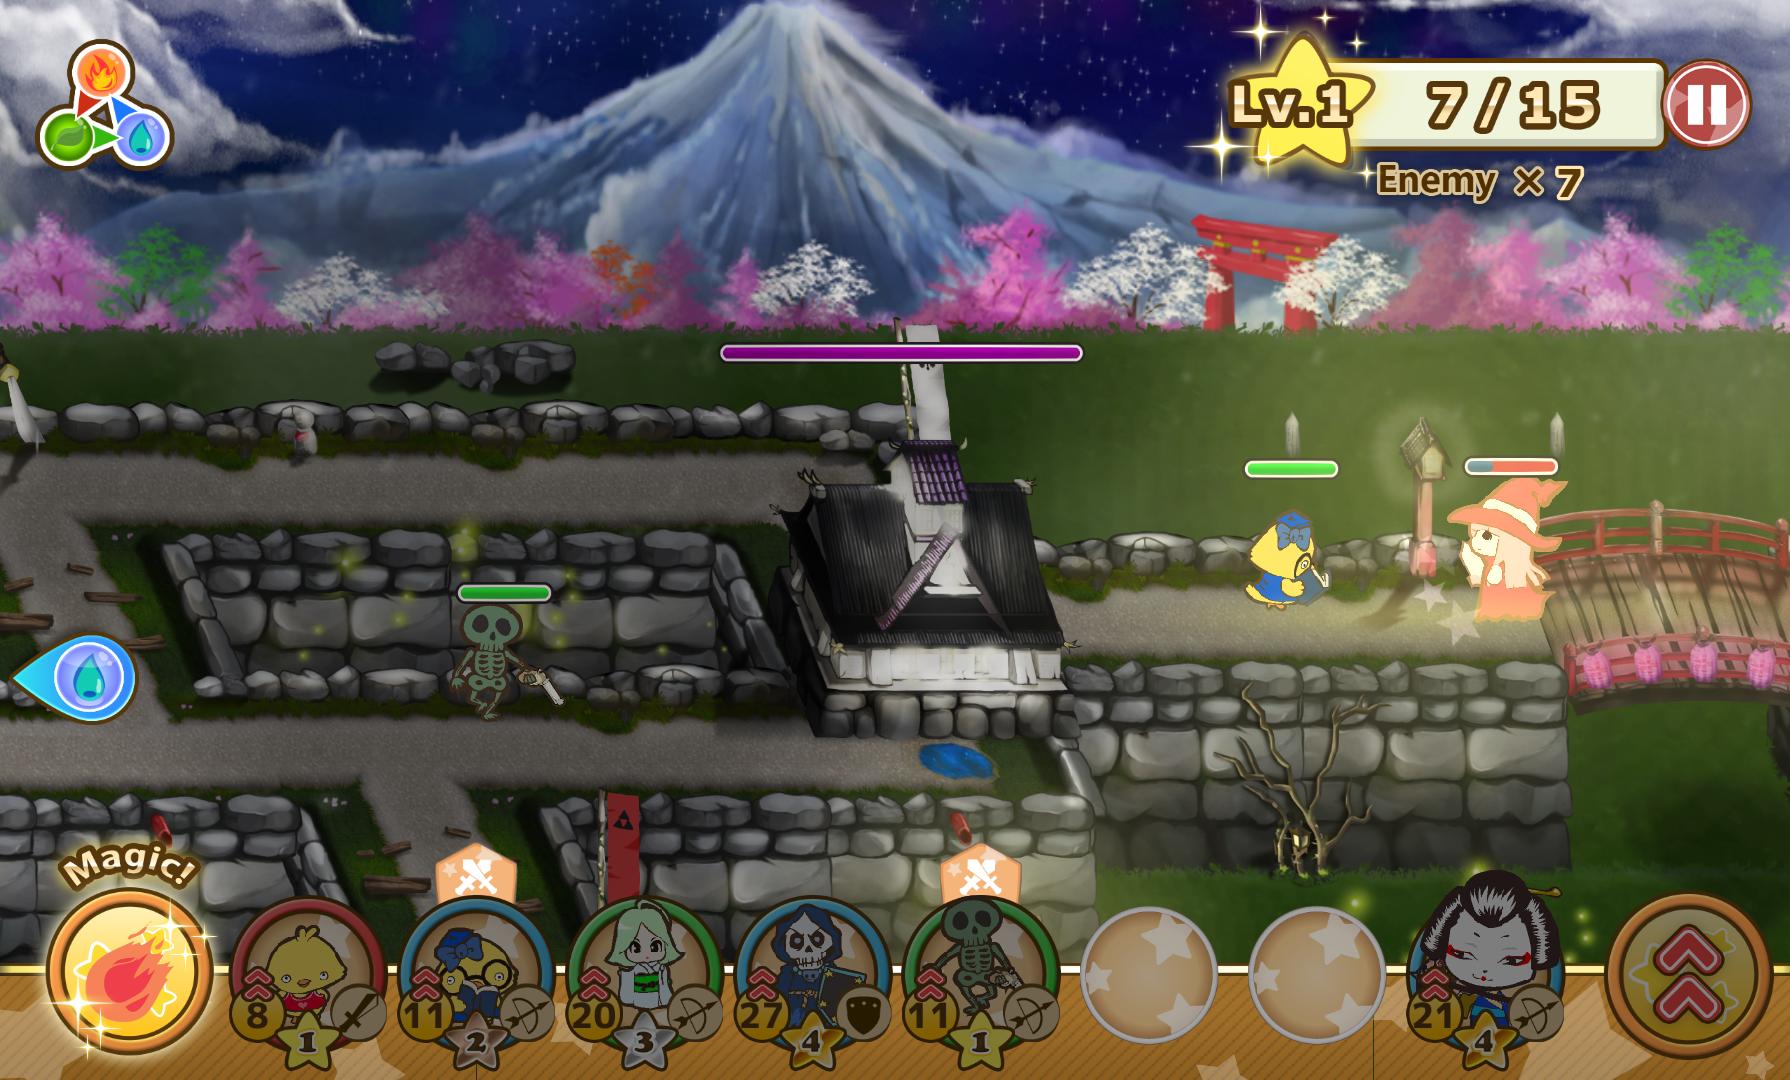 バトルド魔王 ~勇者とハチャメチャ大合戦~ androidアプリスクリーンショット1